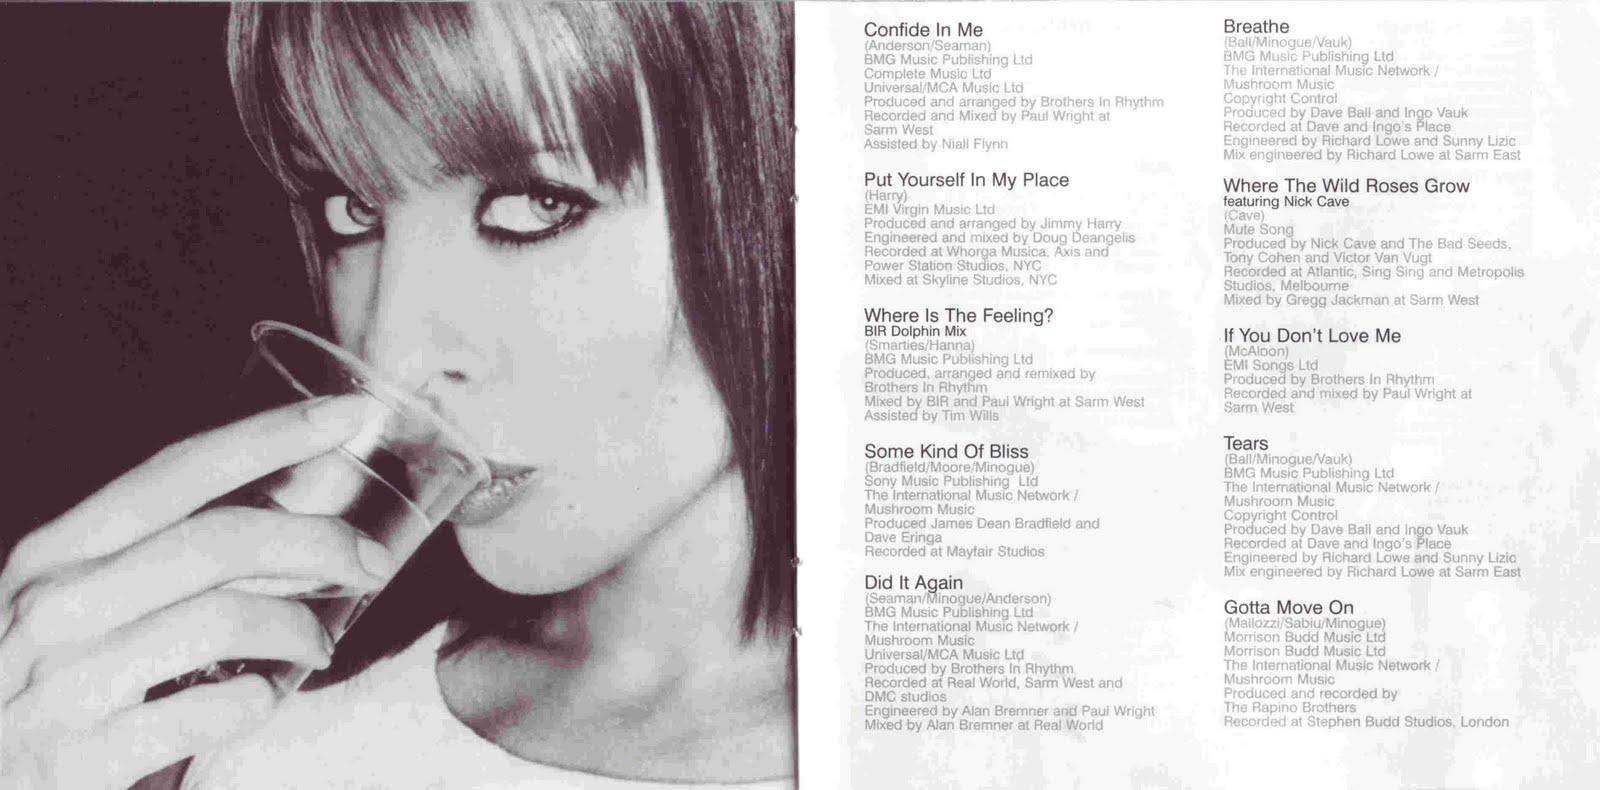 http://4.bp.blogspot.com/-NoPrb1aB7DY/TVl-cbiHOgI/AAAAAAAARM4/F2KZ-GARzOw/s1600/Kylie_Minogue_-_Hits_9.jpg